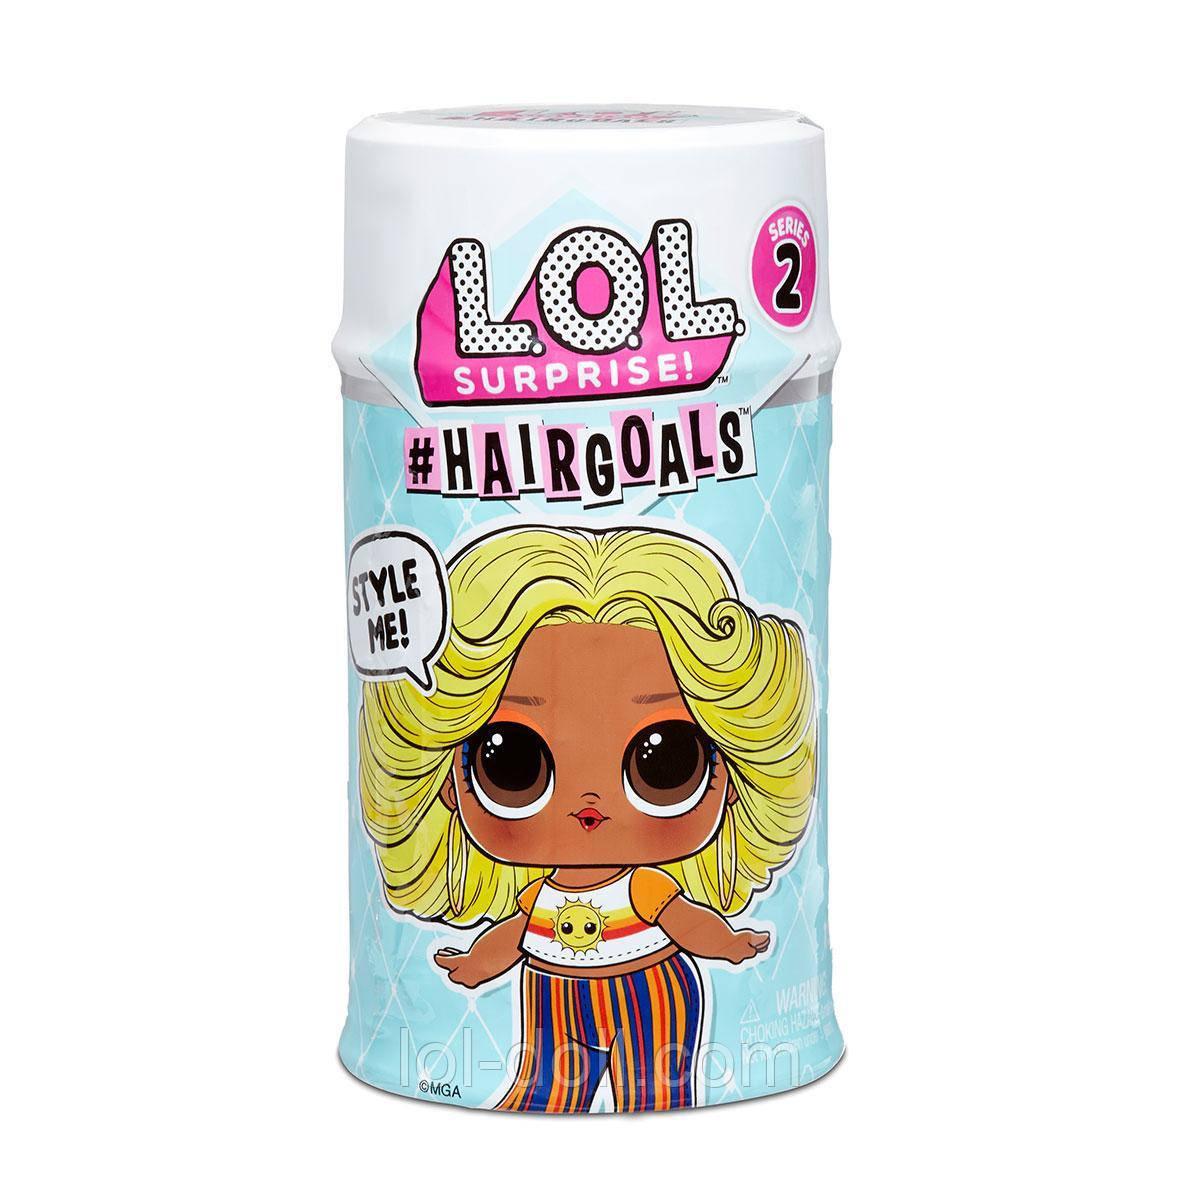 Кукла ЛОЛ Капсула Хеиргоалс Модный стиль Оригинал L.O.L. Surprise! Hairgoals 2